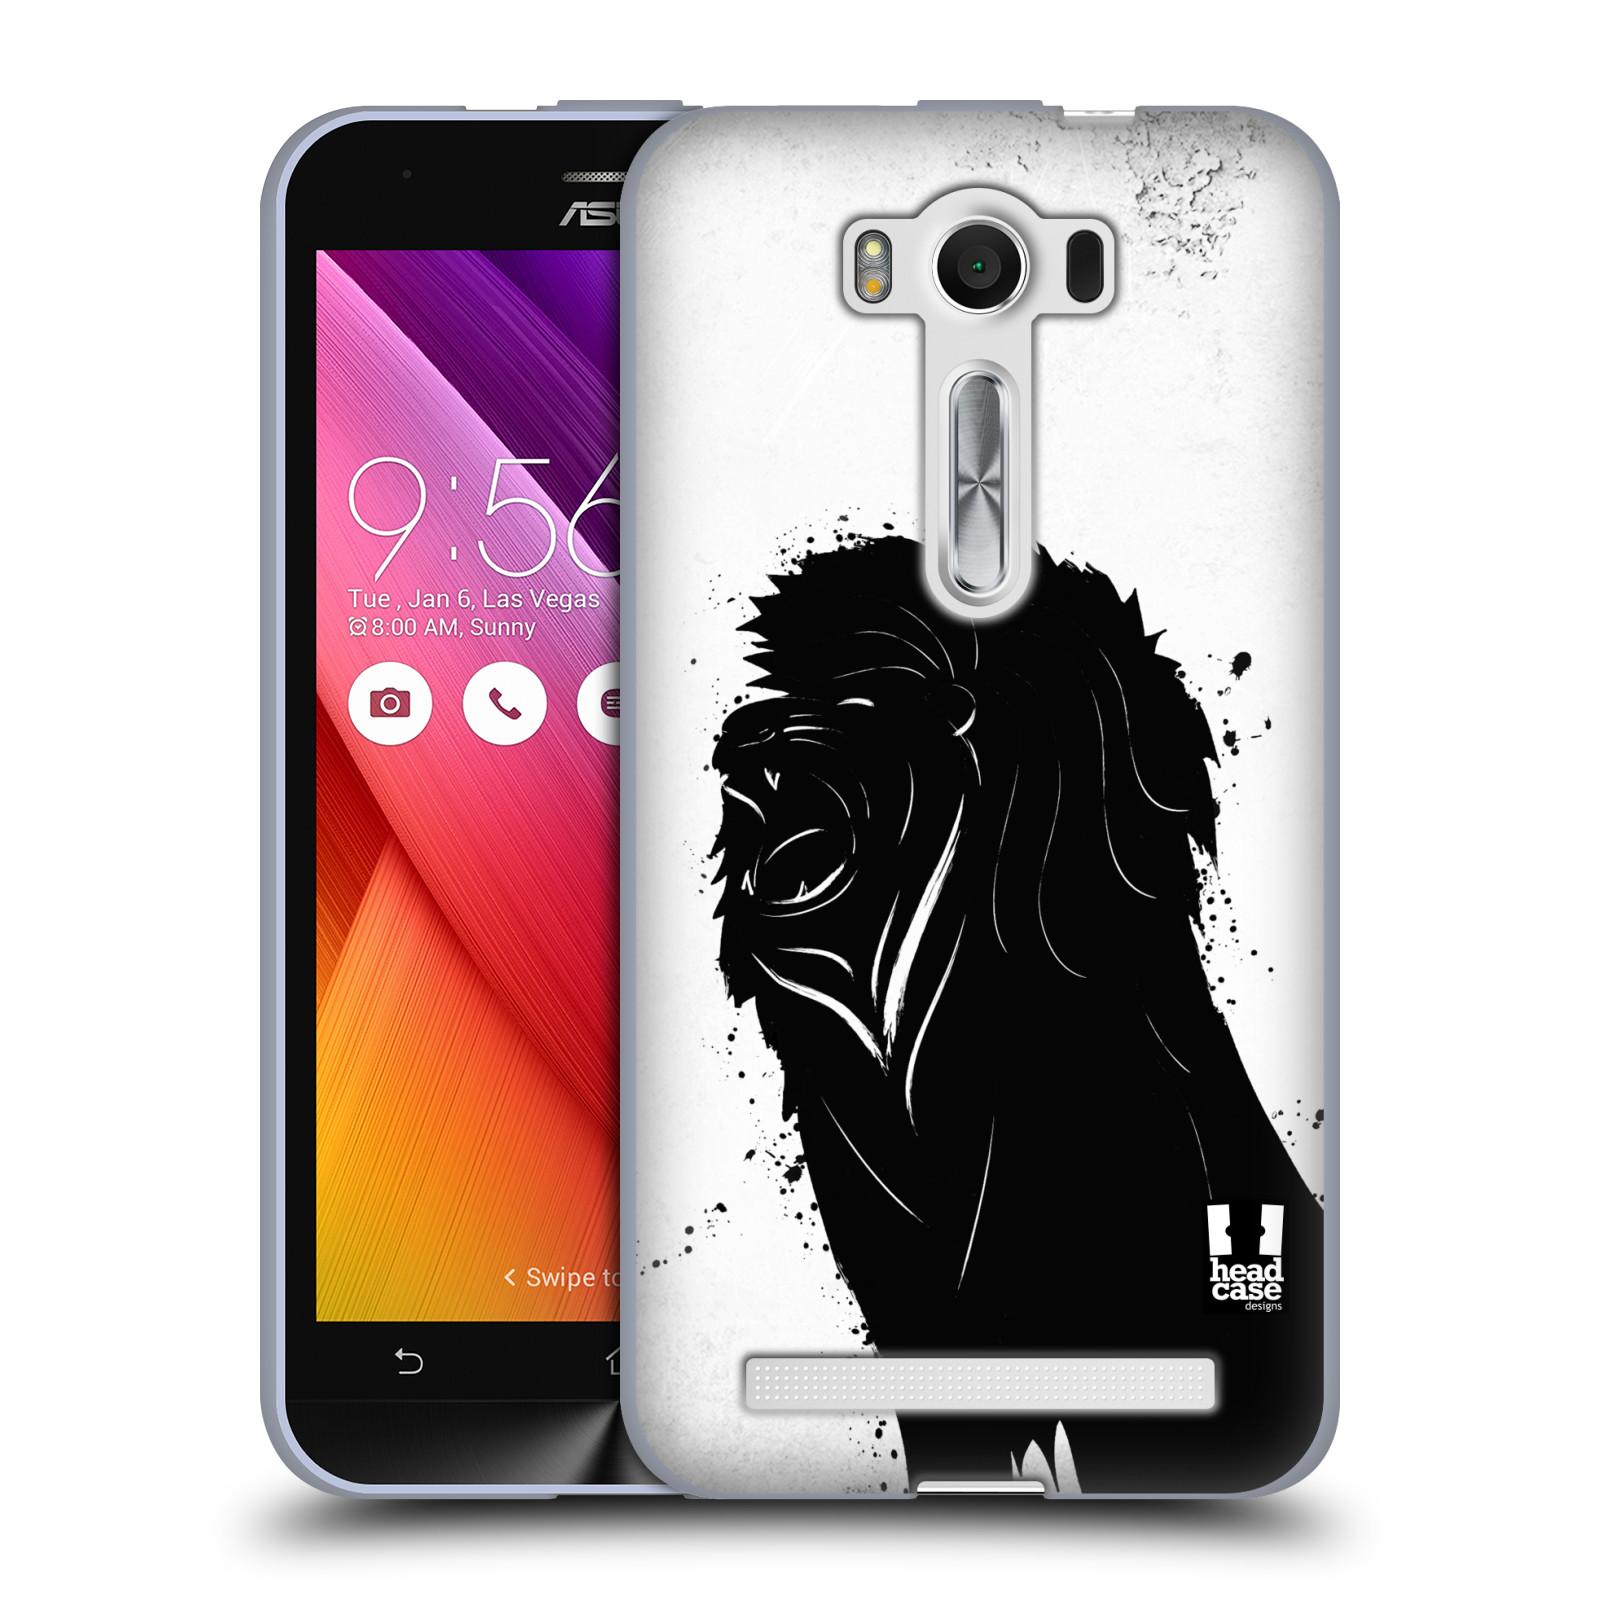 """HEAD CASE silikonový obal na mobil Asus Zenfone 2 LASER (ZE500KL s 5"""" displejem) vzor Kresba tuš zvíře lev"""